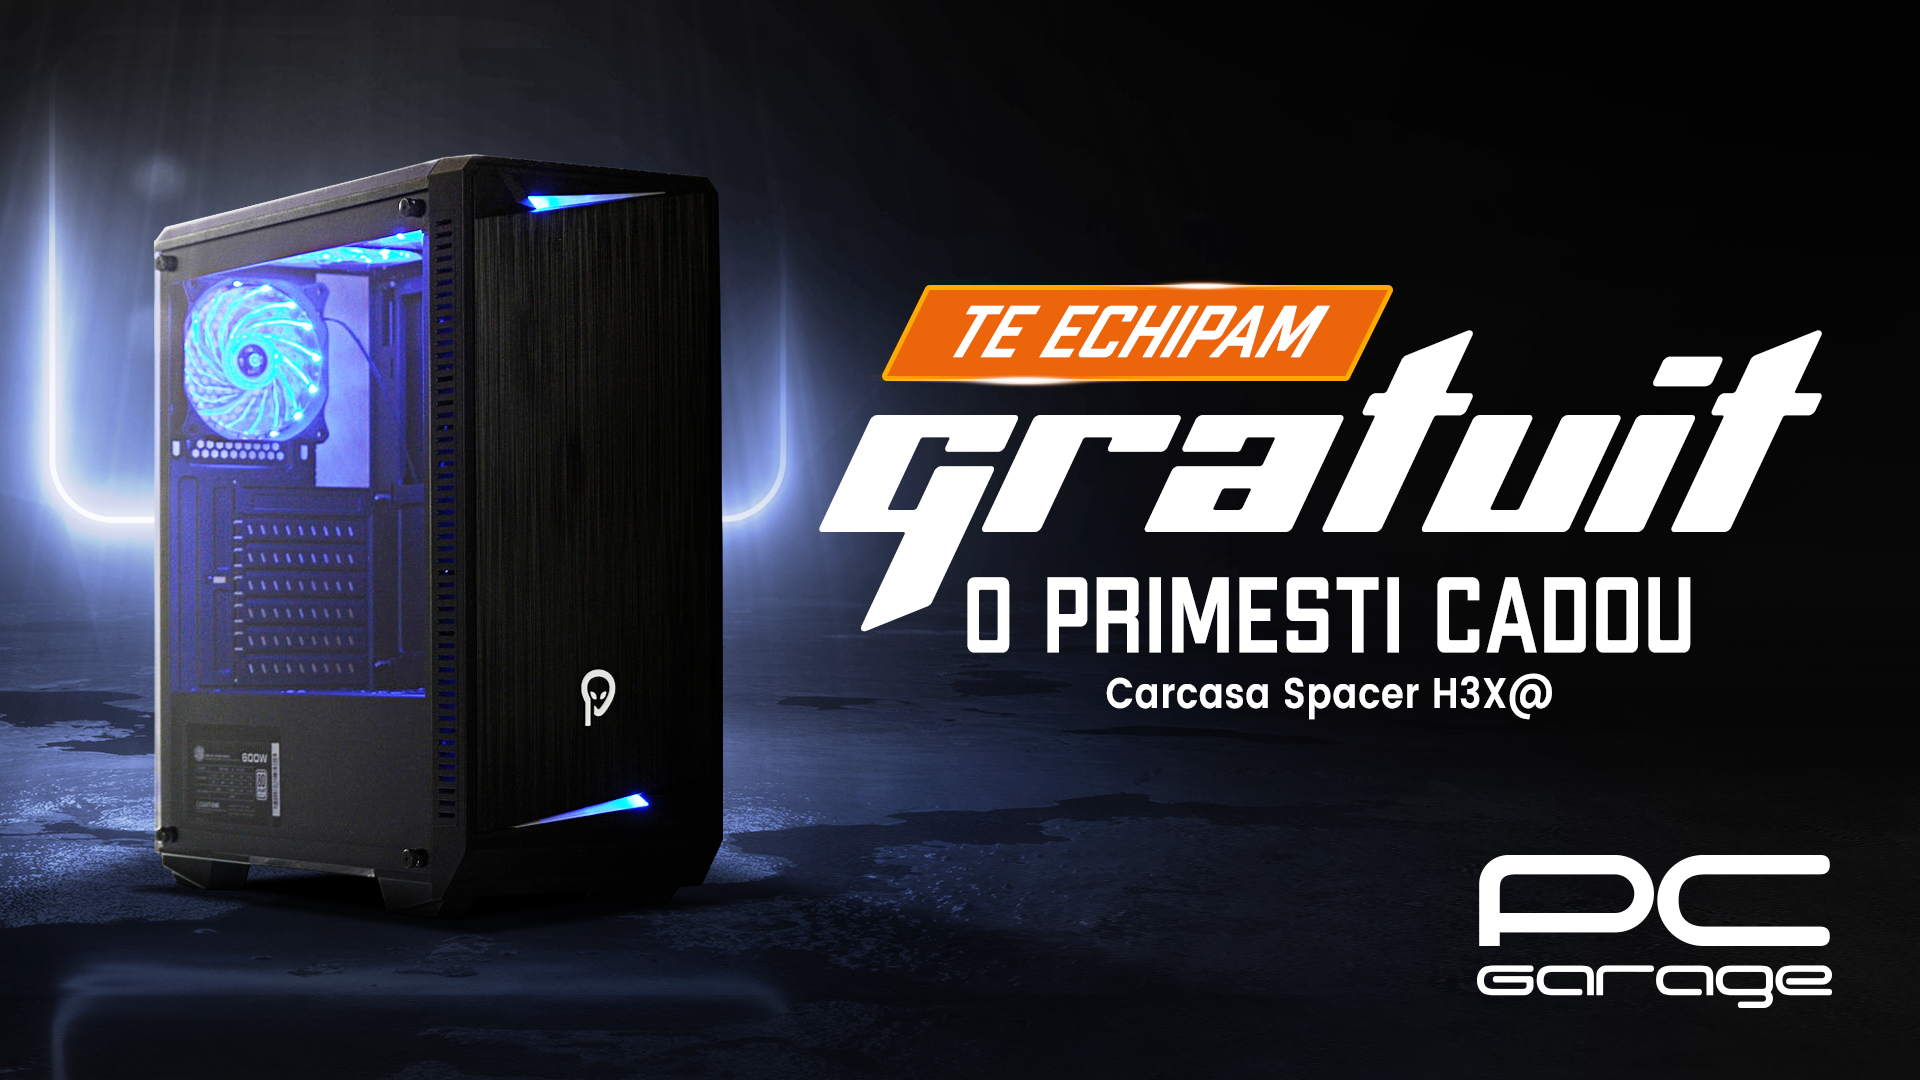 PC Garage oferă cadou o carcasă pentru fiecare platformă hardware compatibilă achiziționată